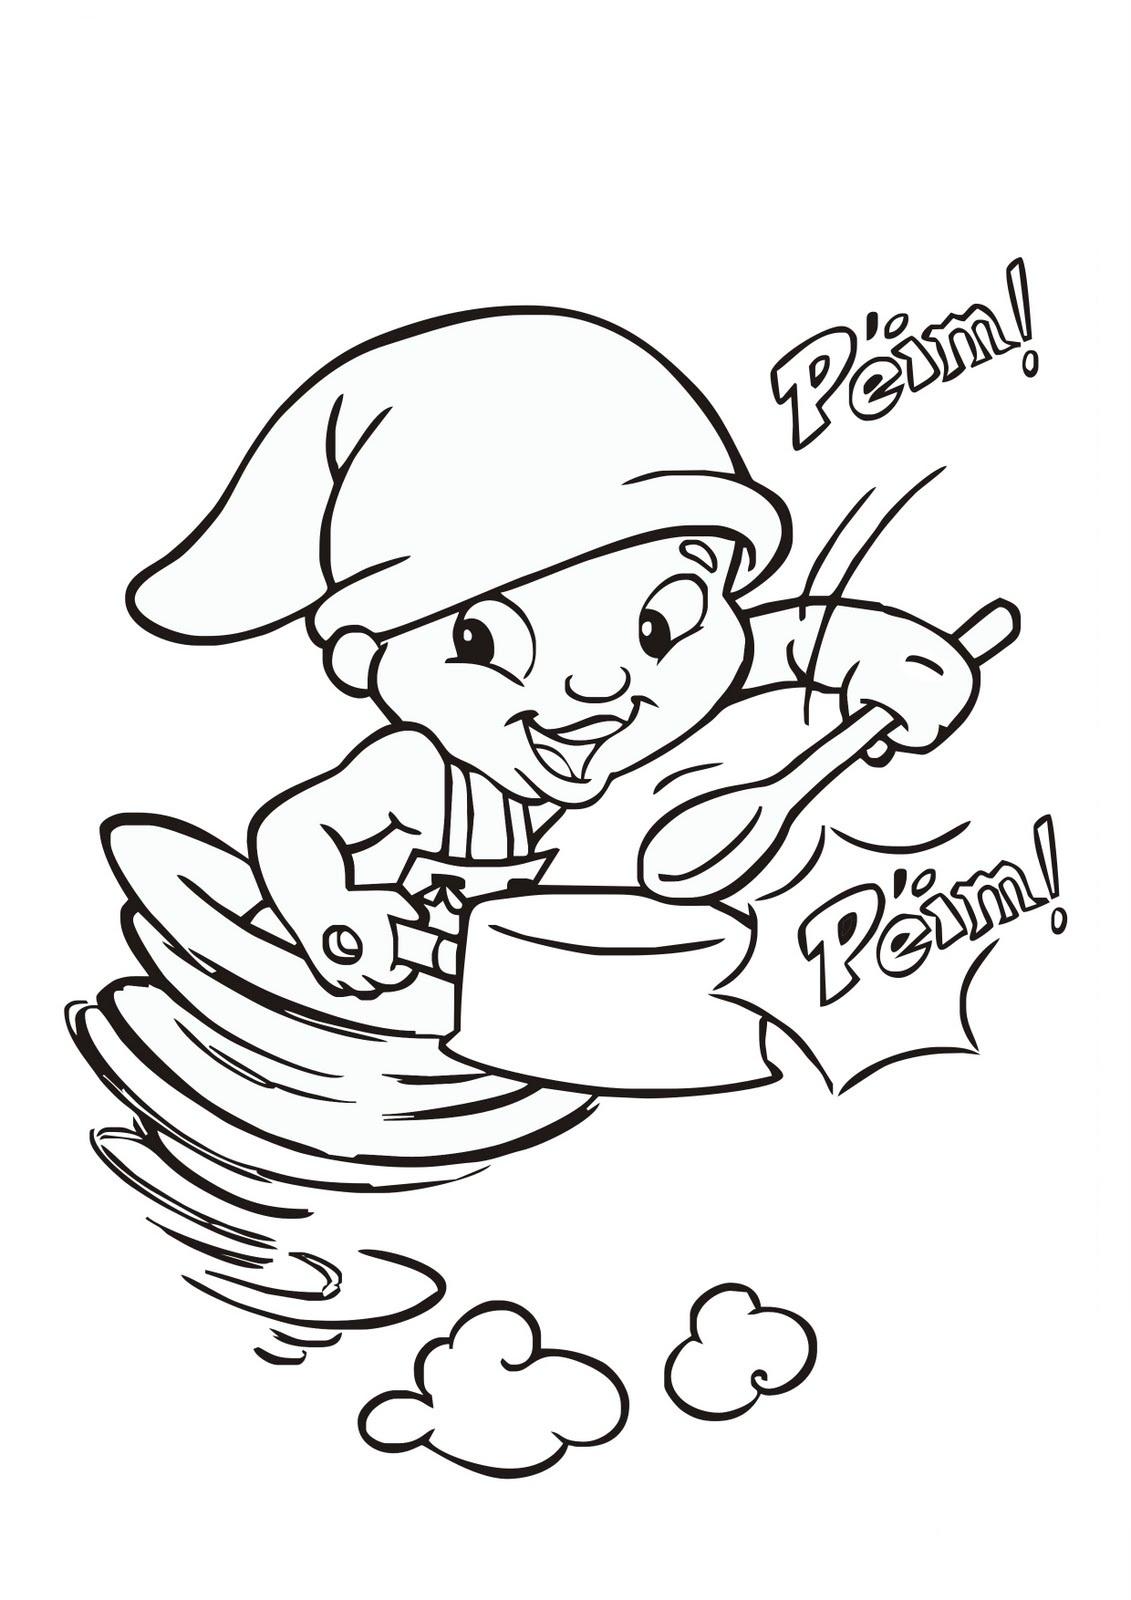 Desenho do Saci-Pererê batucando